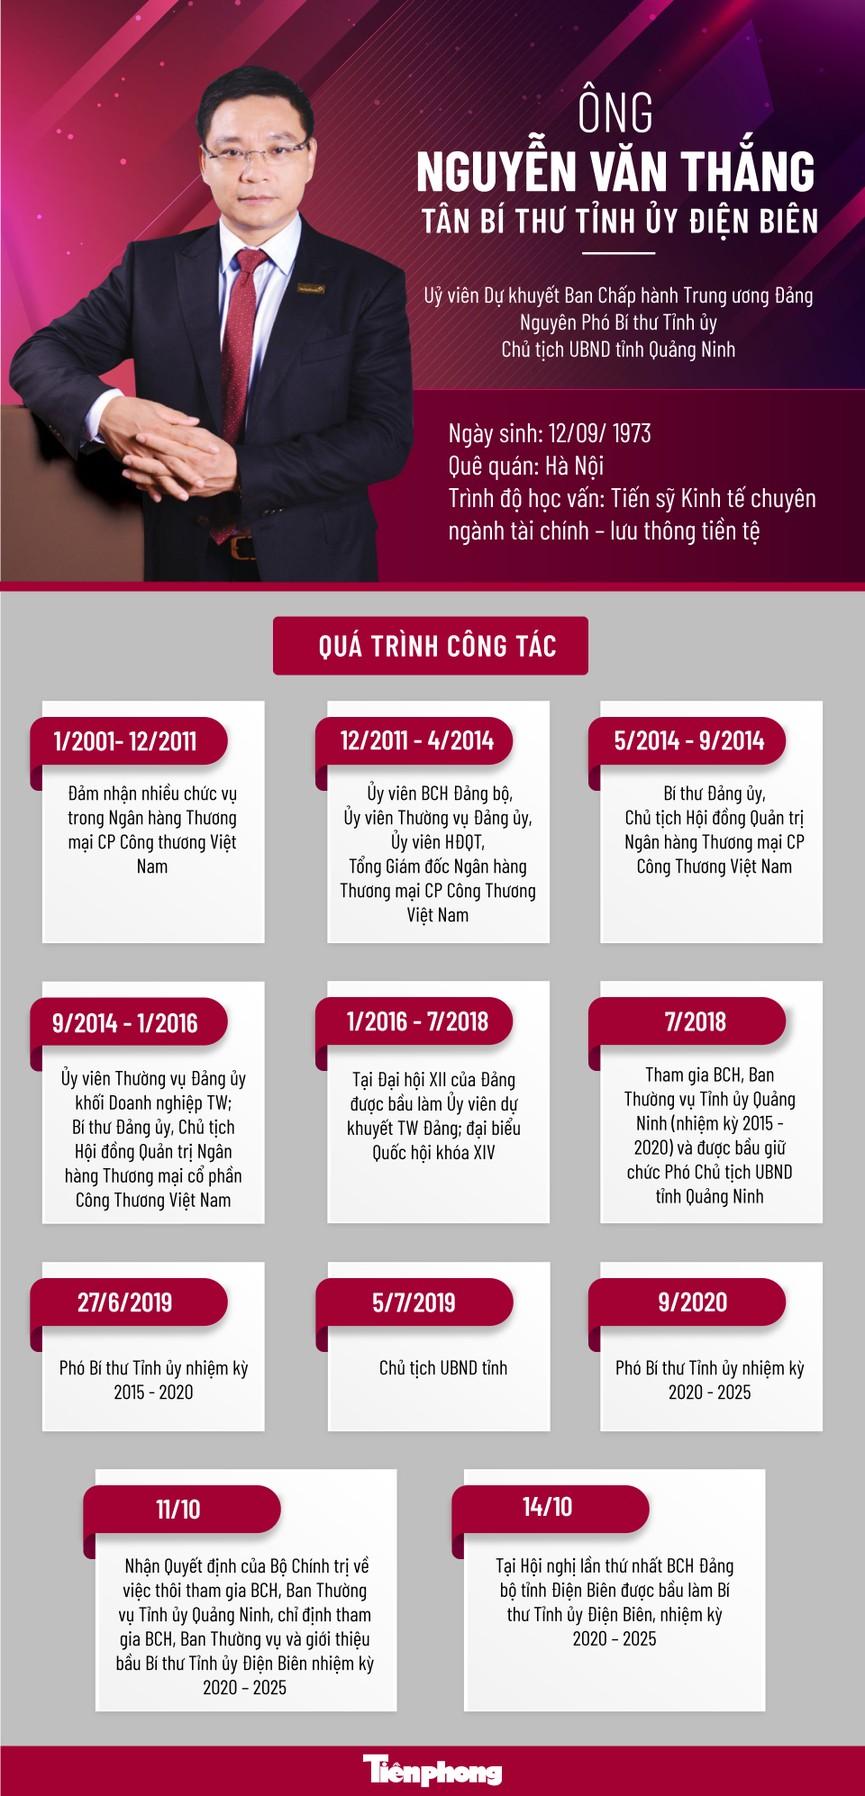 Chân dung tân Bí thư Tỉnh ủy Điện Biên, từng làm Chủ tịch Vietinbank - ảnh 1